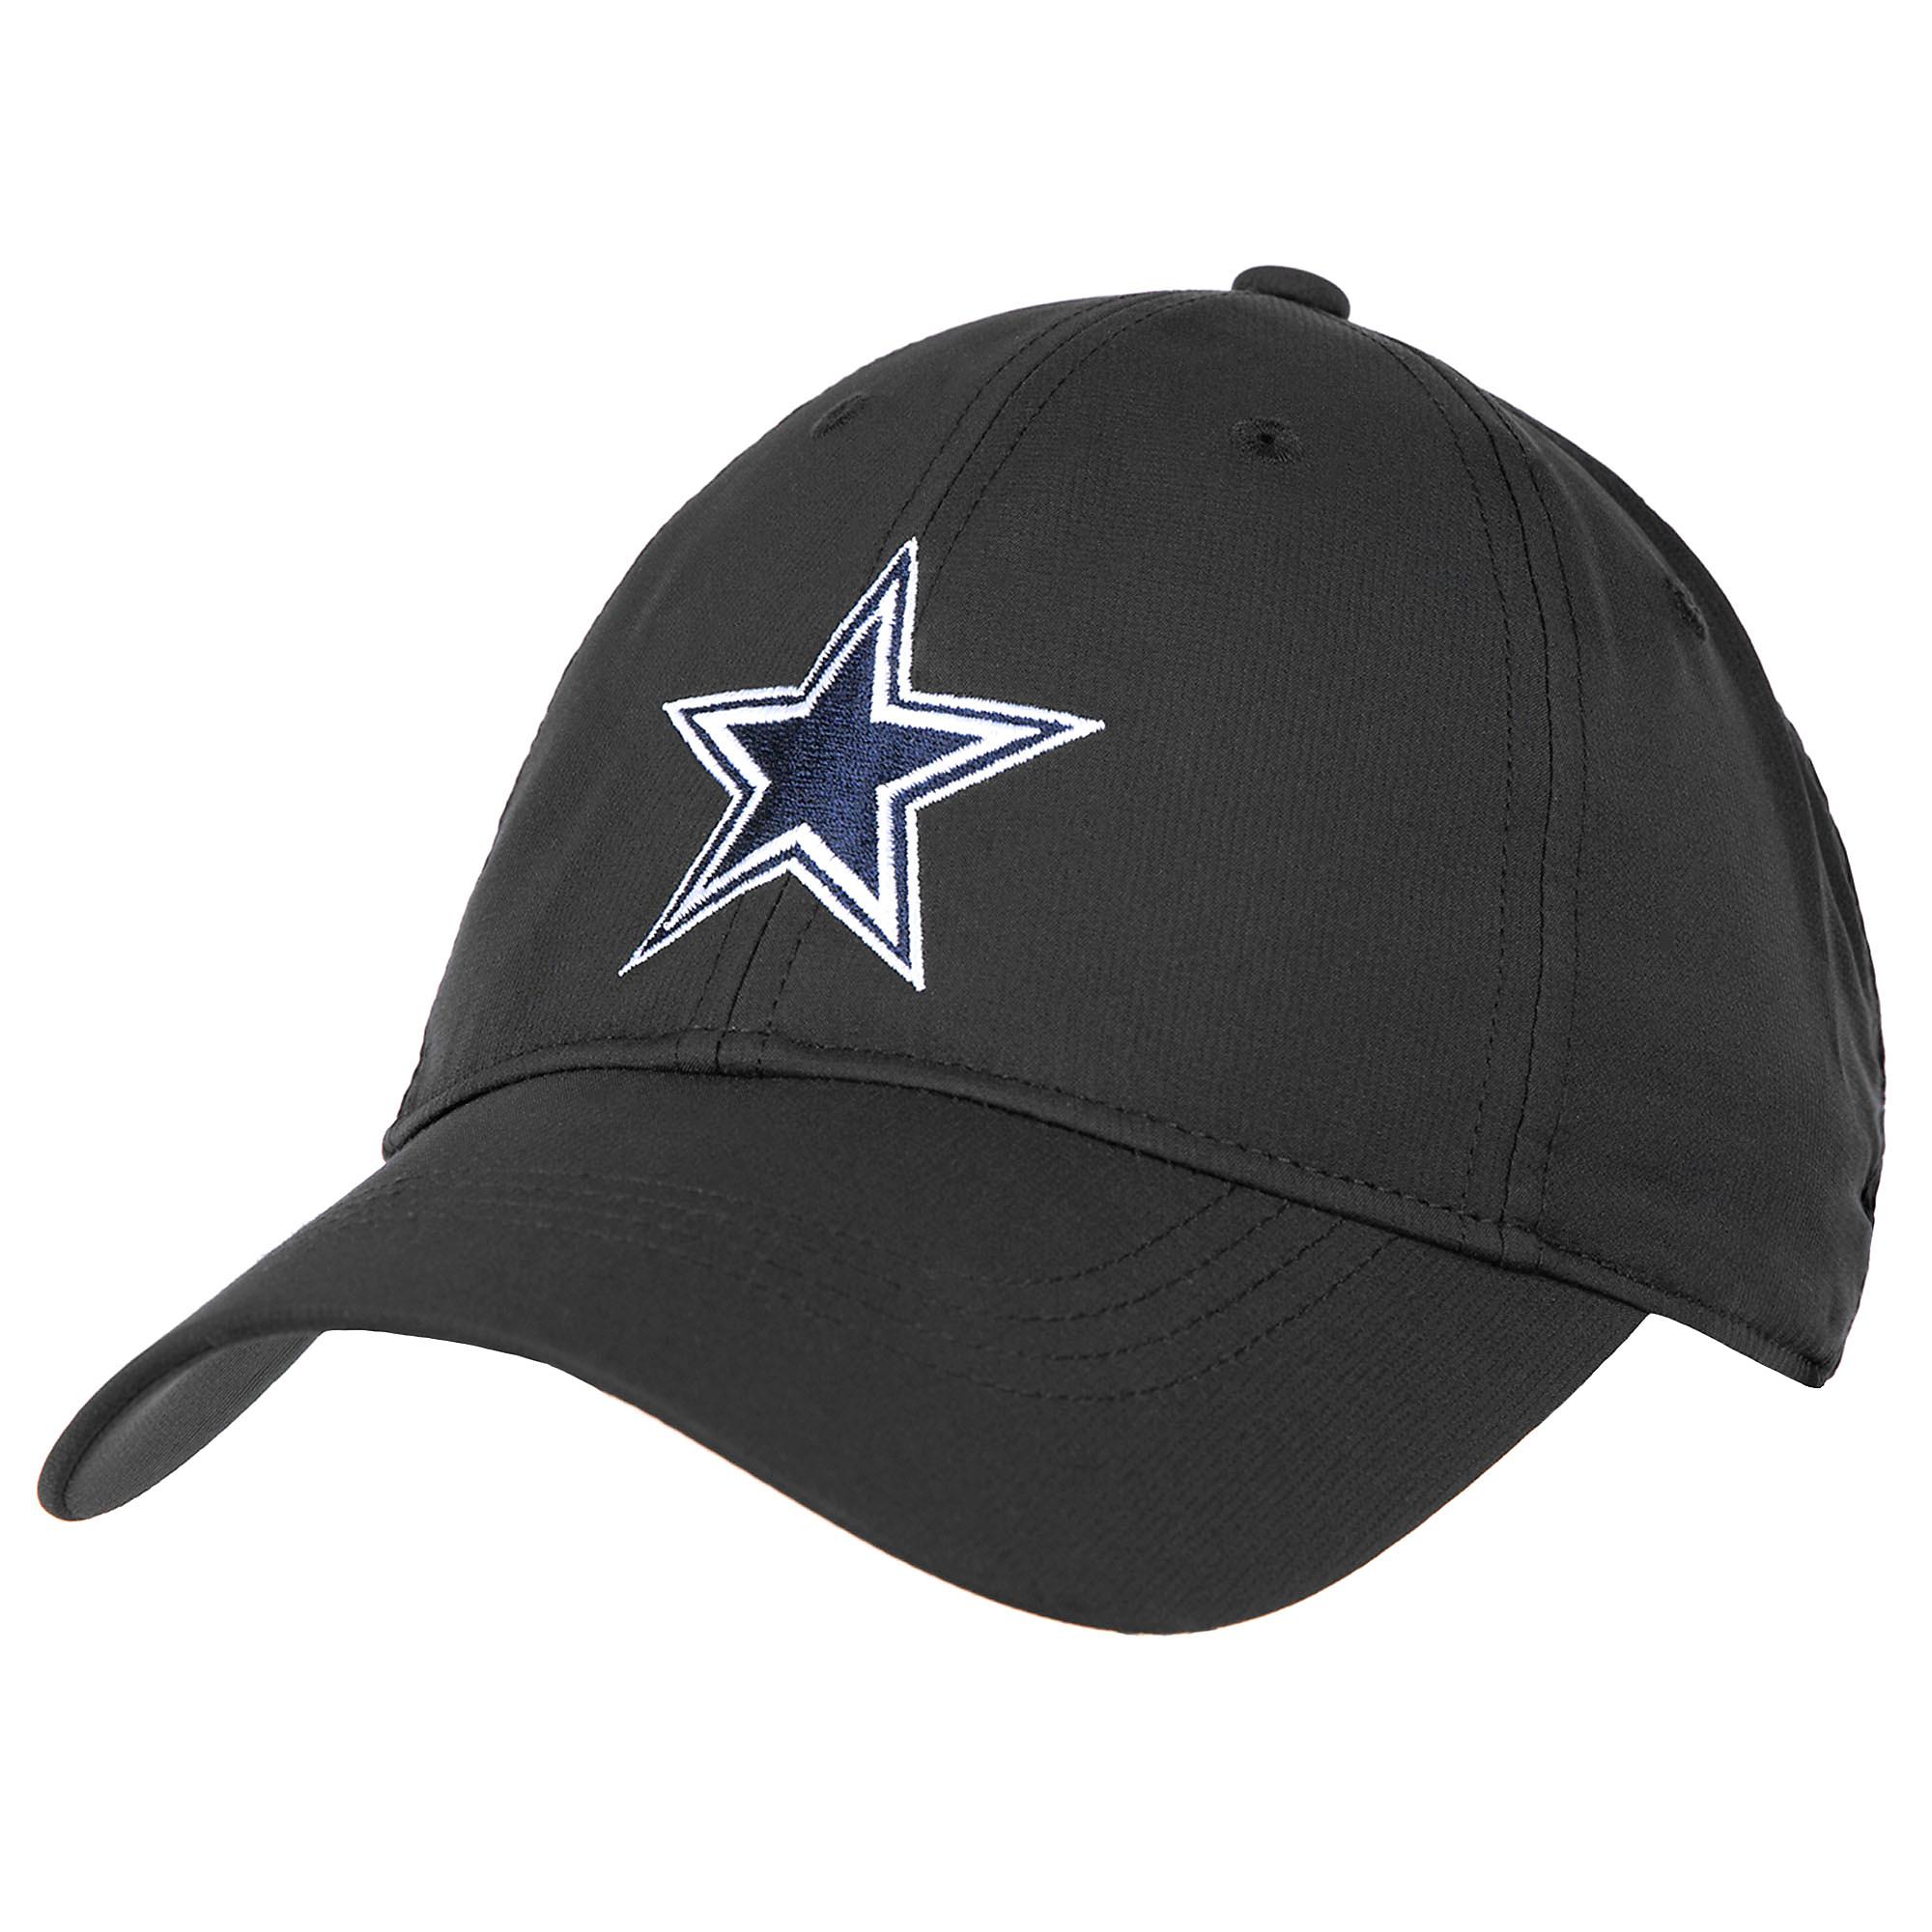 3c52a32f8 Dallas Cowboys Nike Legacy 91 Custom Tech Golf Hat